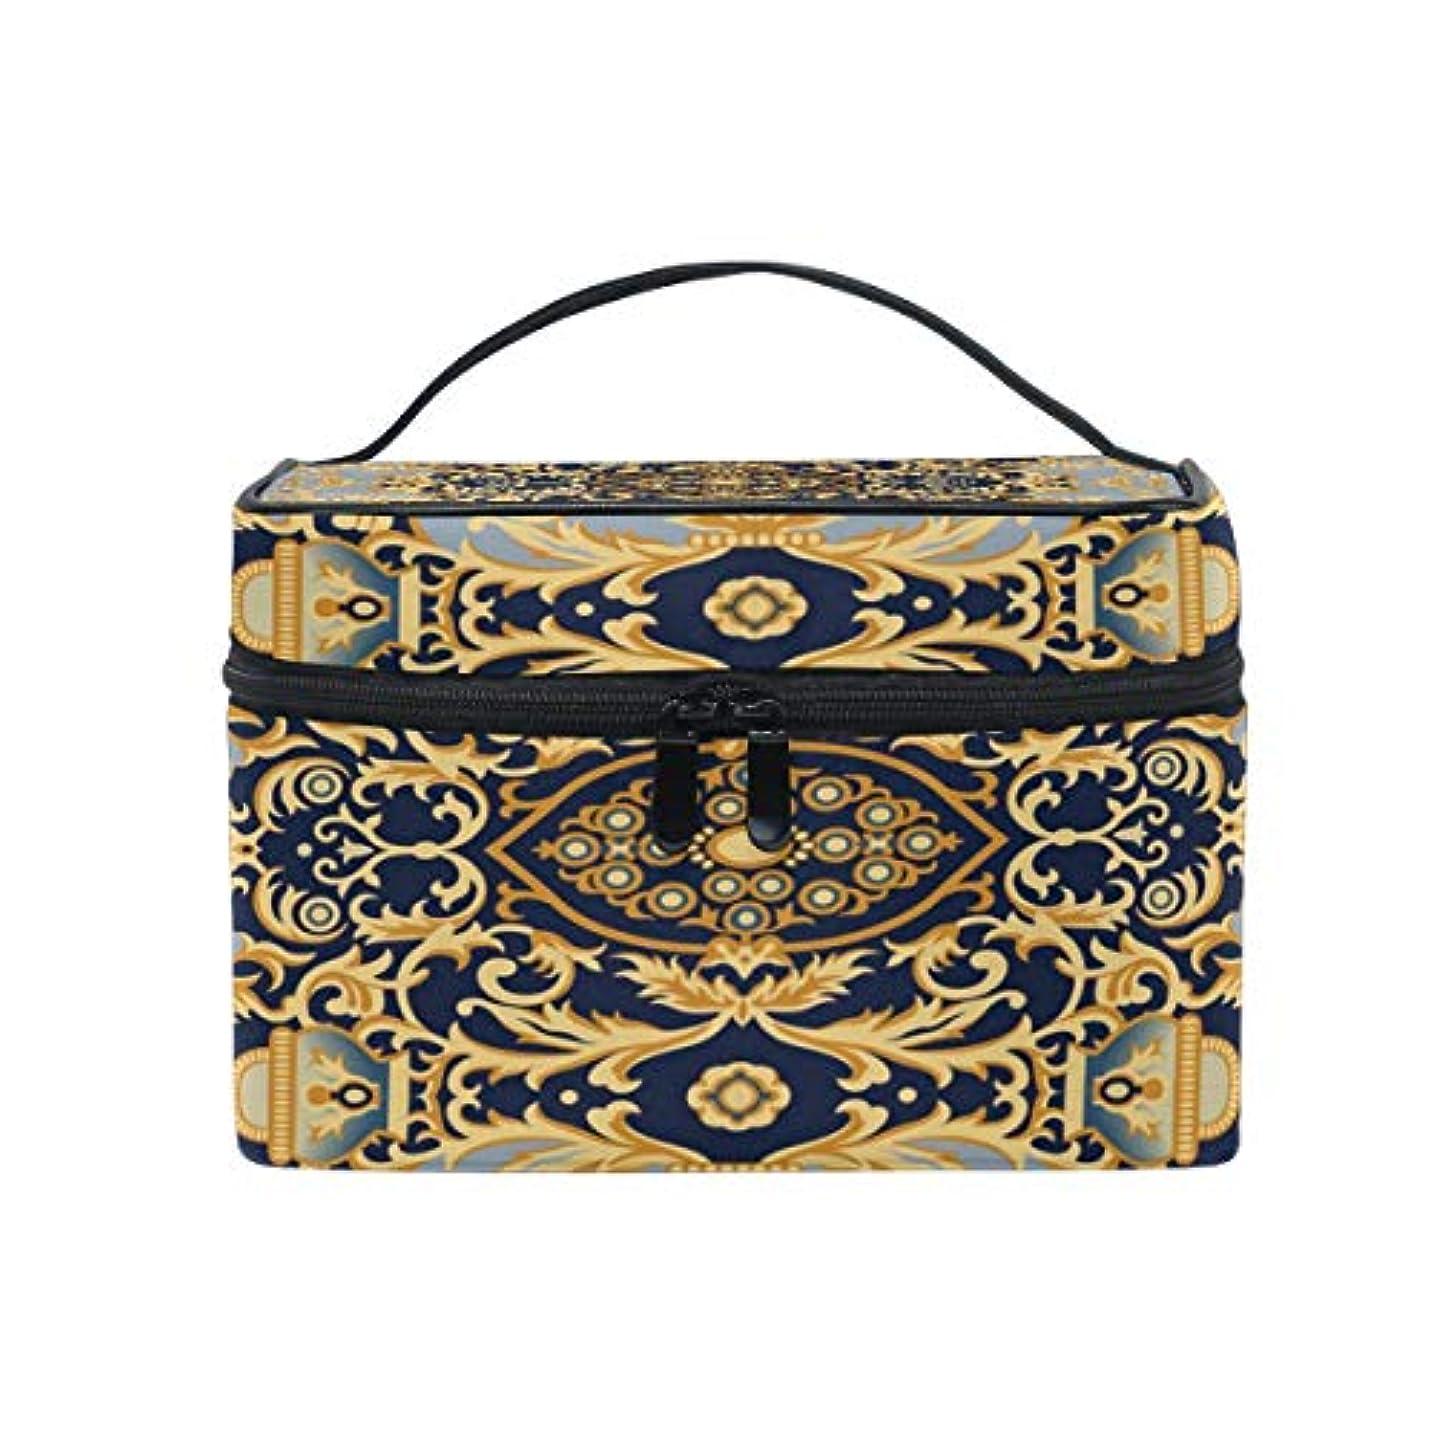 硬化する被害者なめるヨーロピアンスタイルメイクボックス コスメ収納 トラベルバッグ 化粧 バッグ 高品質